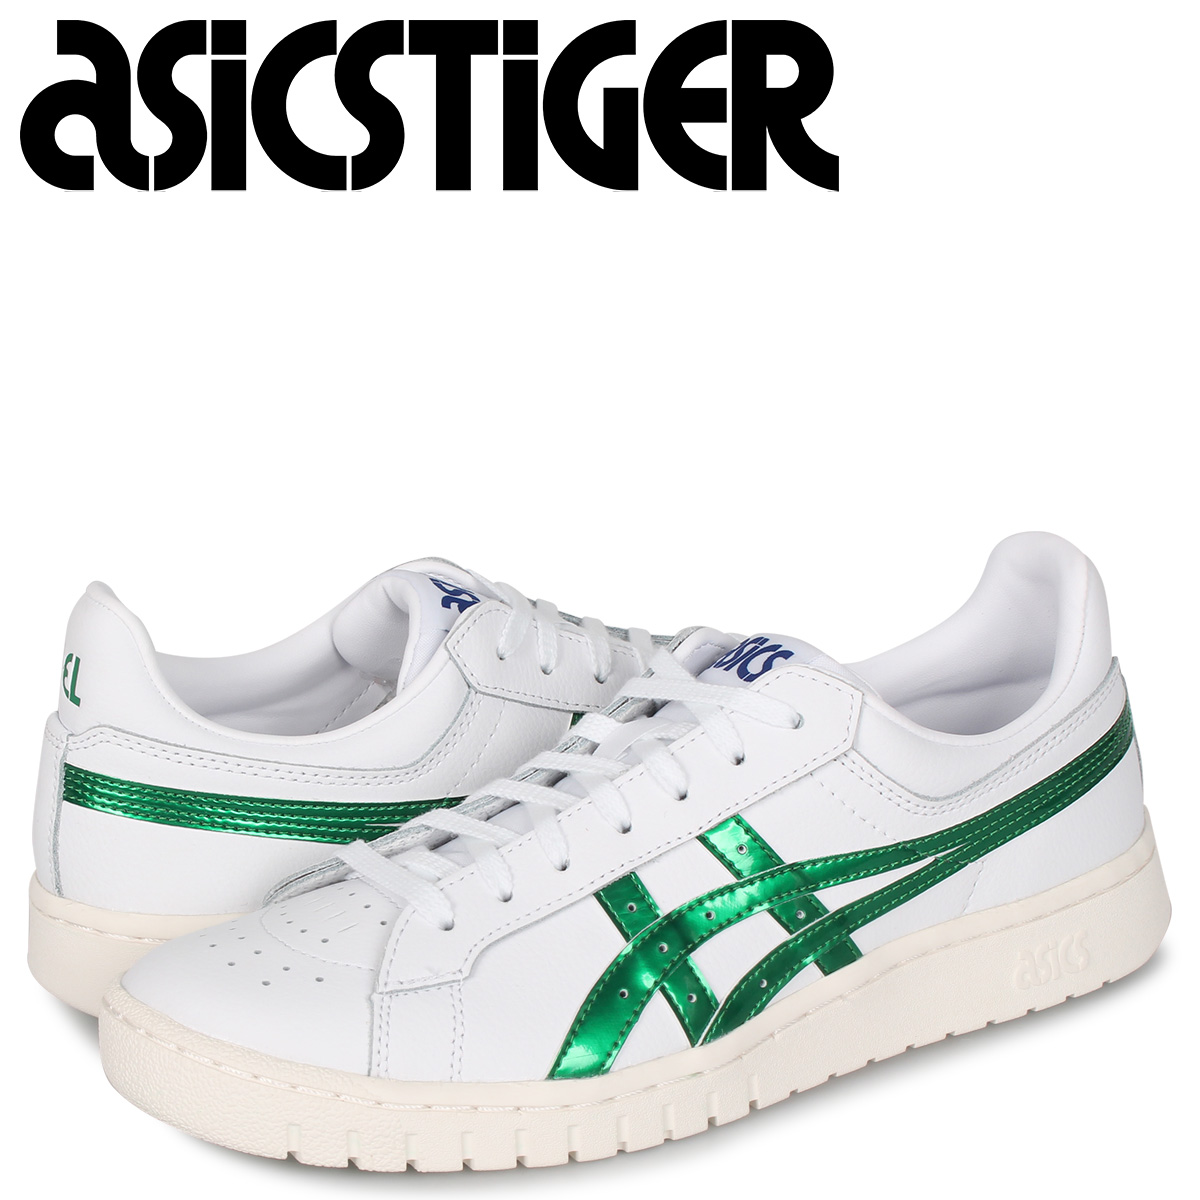 アシックスタイガー asics Tiger ゲル スニーカー メンズ ポイントゲッター GEL-PTG ホワイト 白 1191A089-104